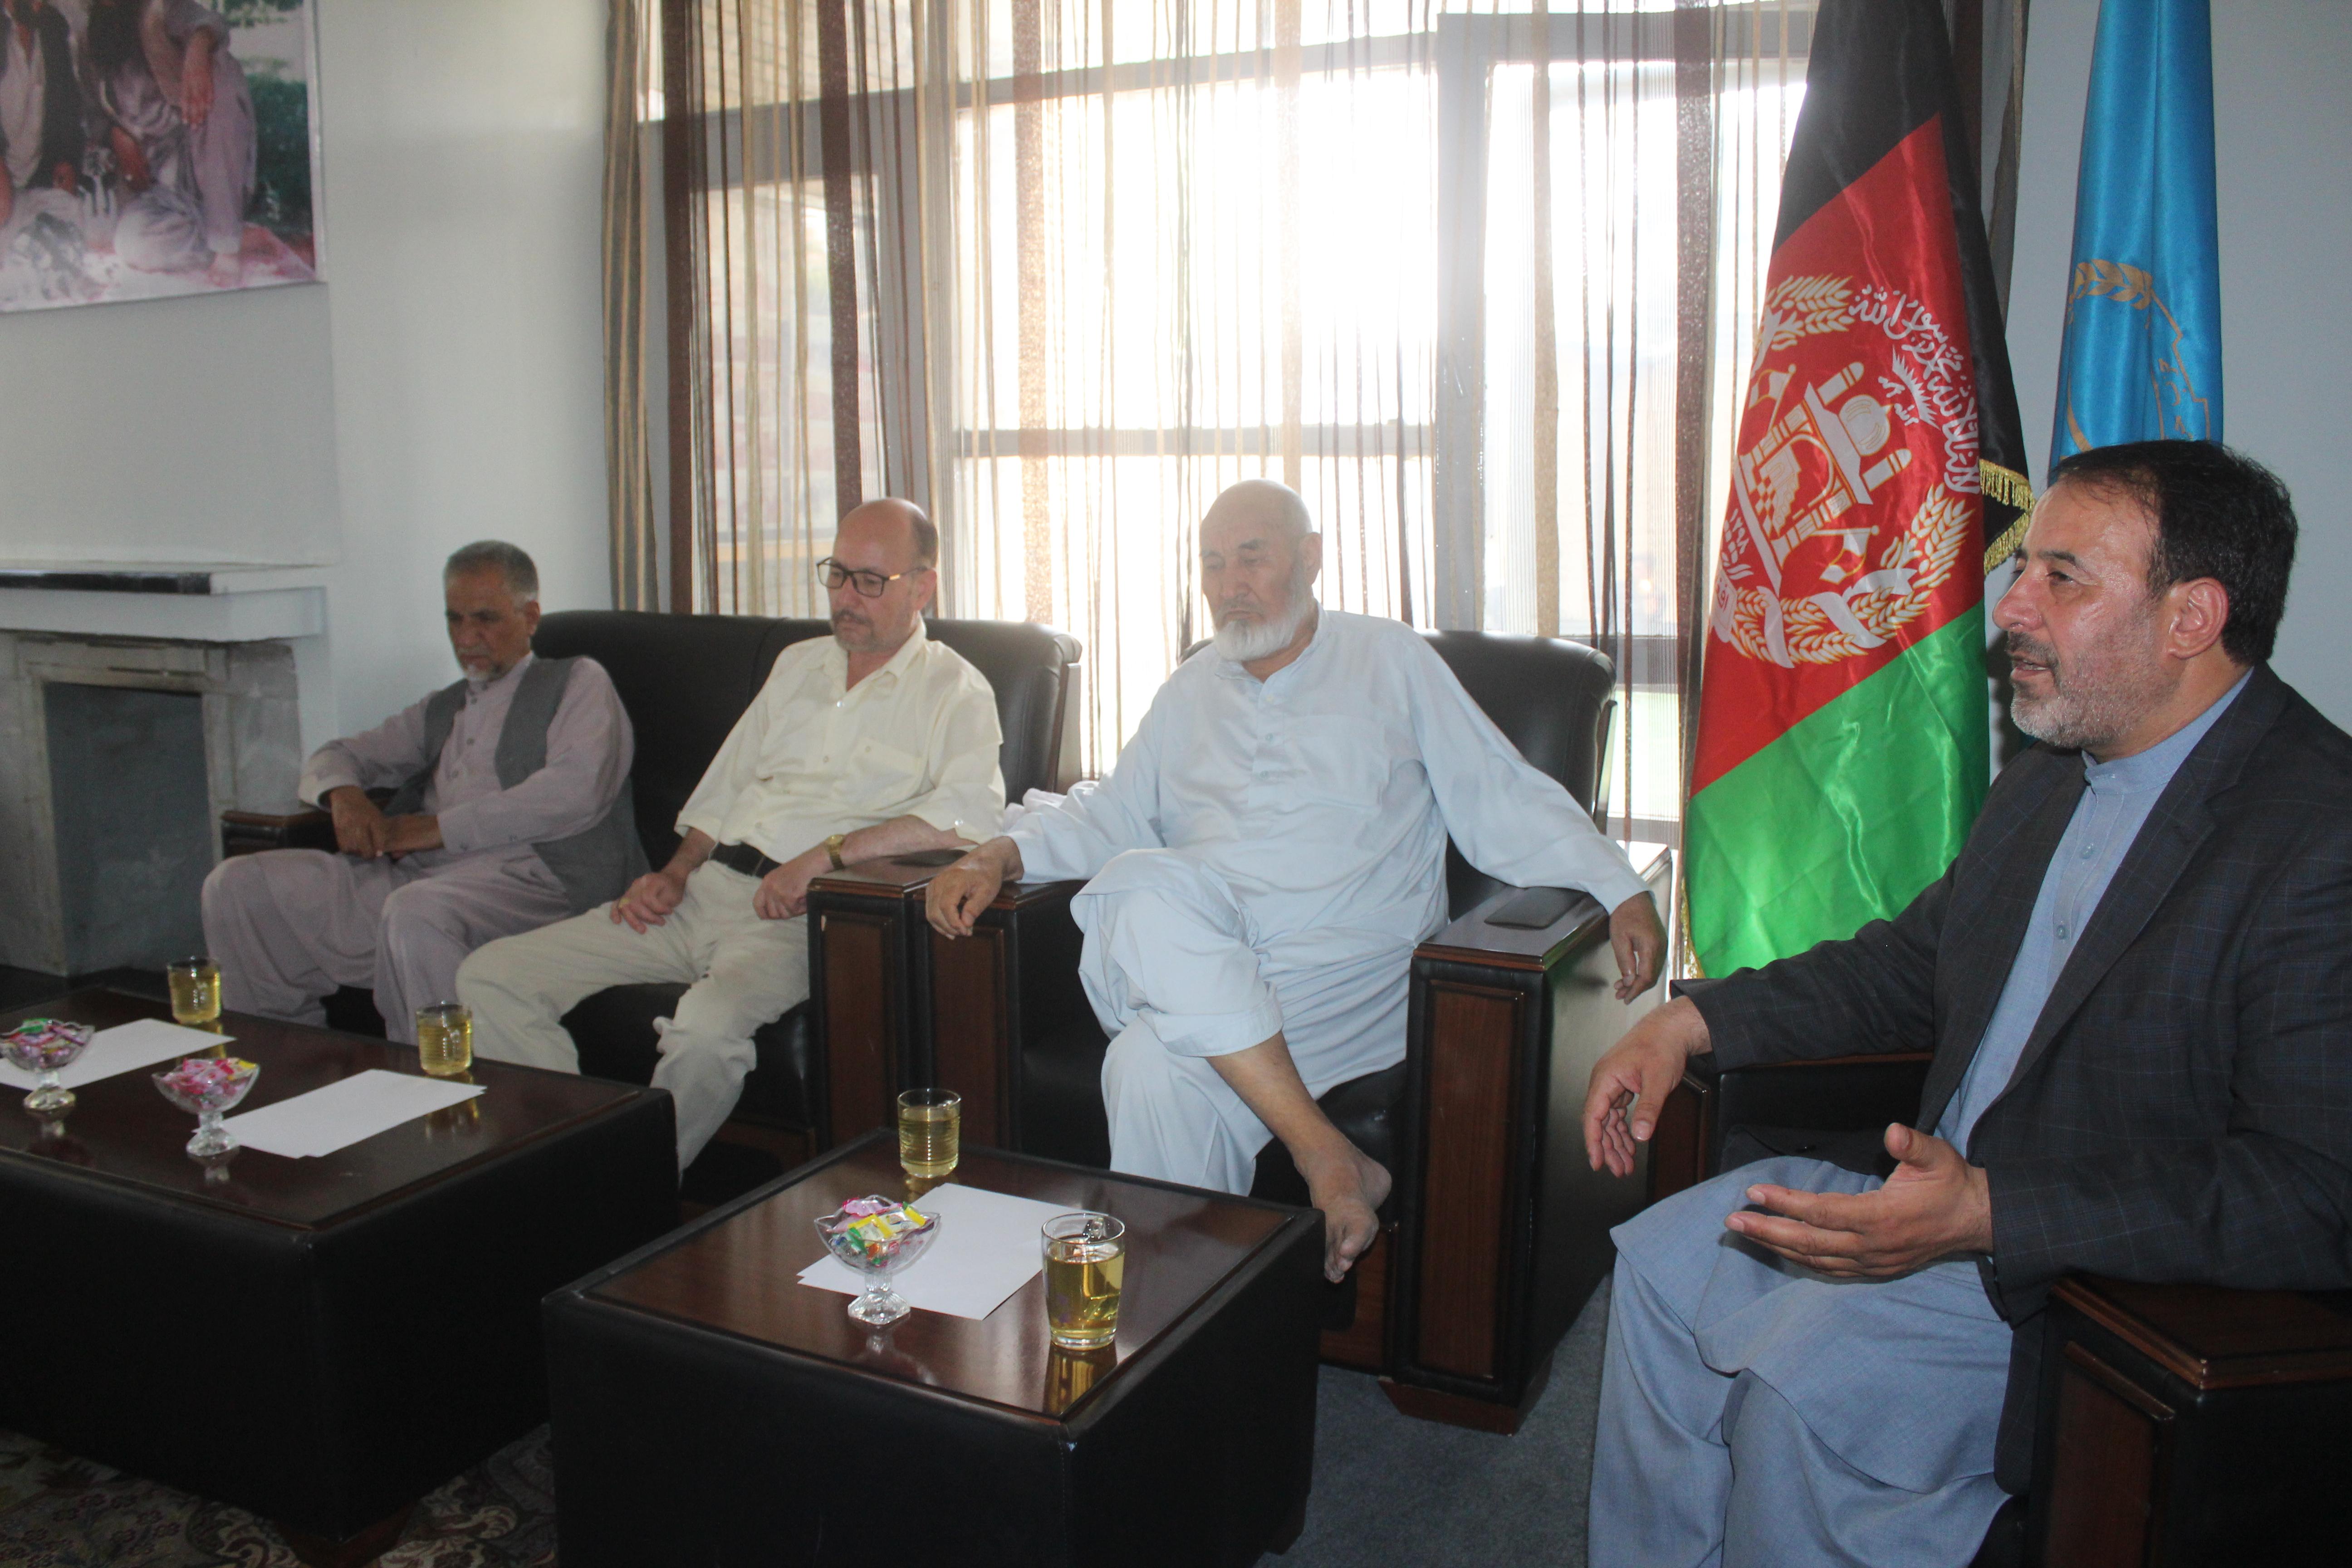 تصویر از حزب حرکت اسلامی متحد افغانستان حمایت خود را از تیم دولت ساز اعلام نموده و برای پیروزی آن تلاش می نماید.